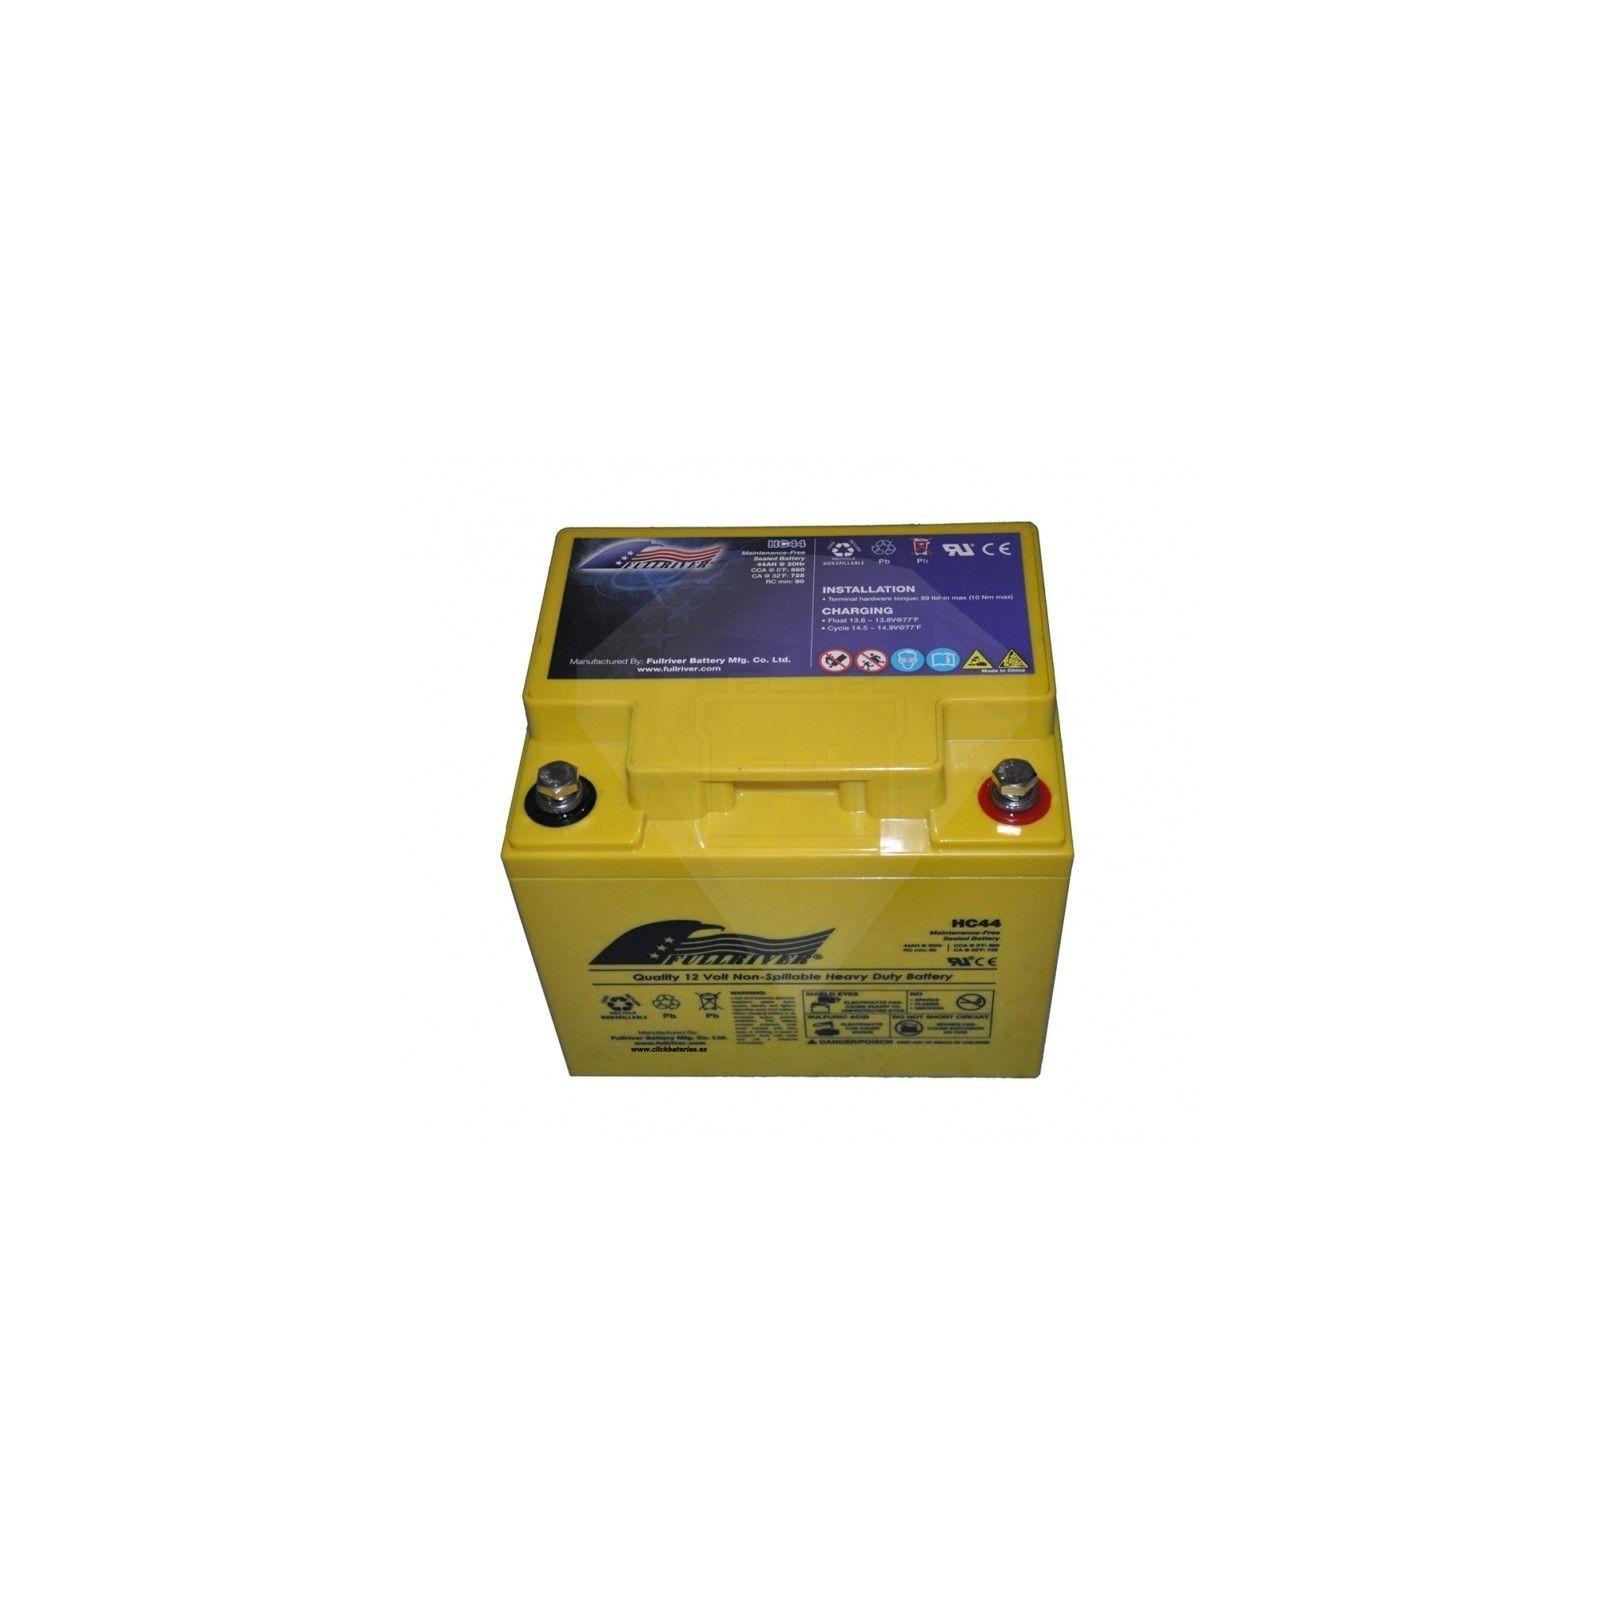 Batería Fullriver HC44 44Ah 560A 12V Hc FULLRIVER - 1